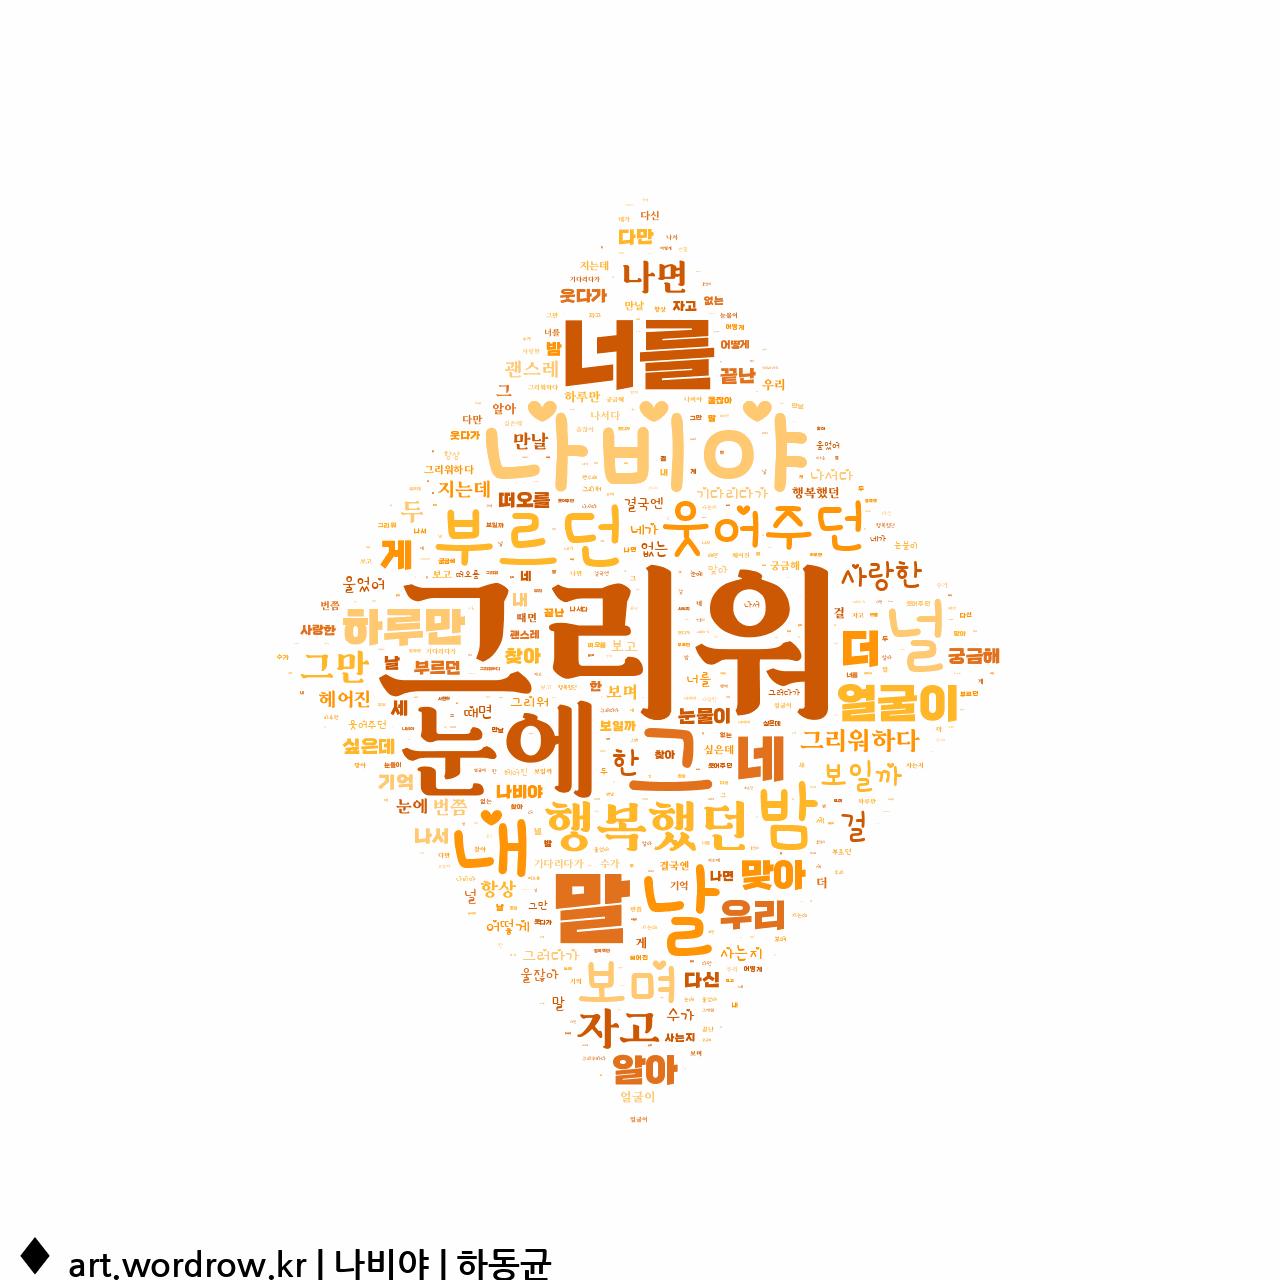 워드 아트: 나비야 [하동균]-6